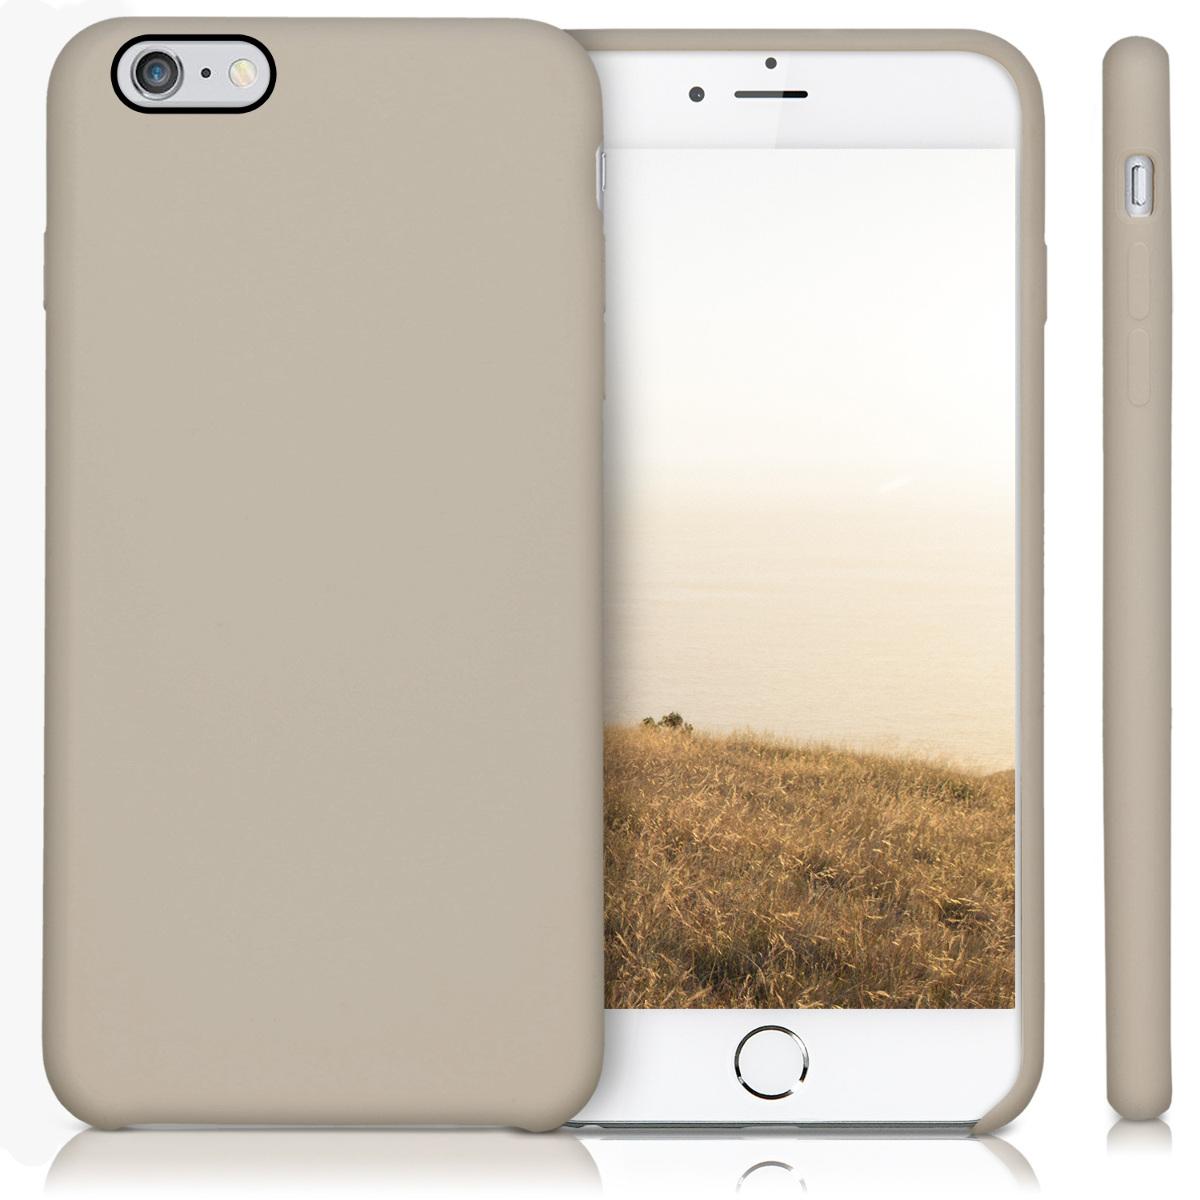 Silikon Schutzhulle Fur Iphone